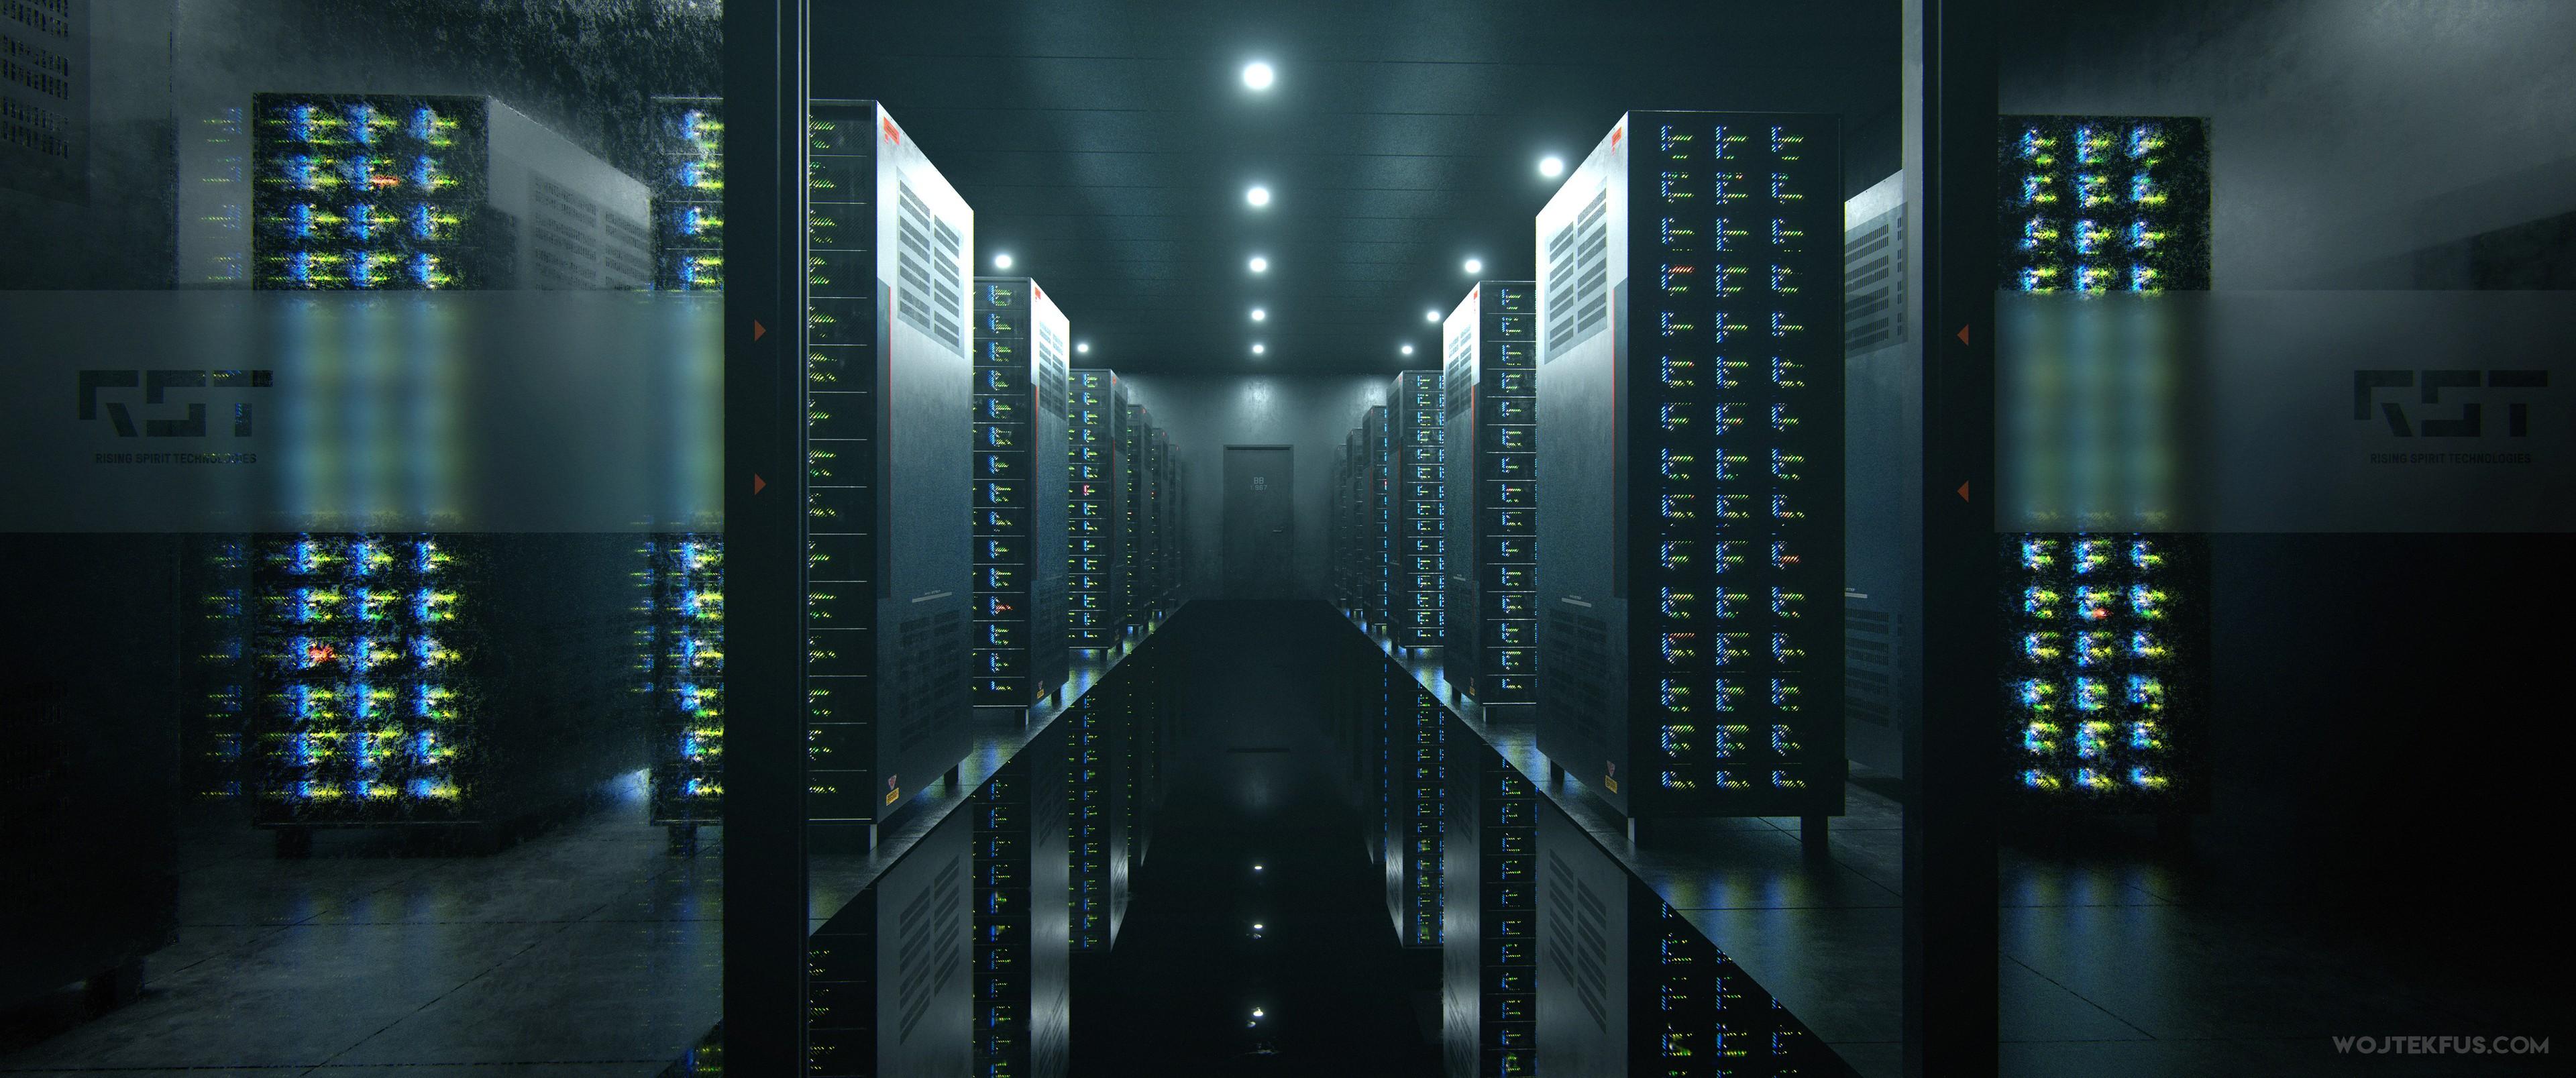 Server Room - Bloodshot